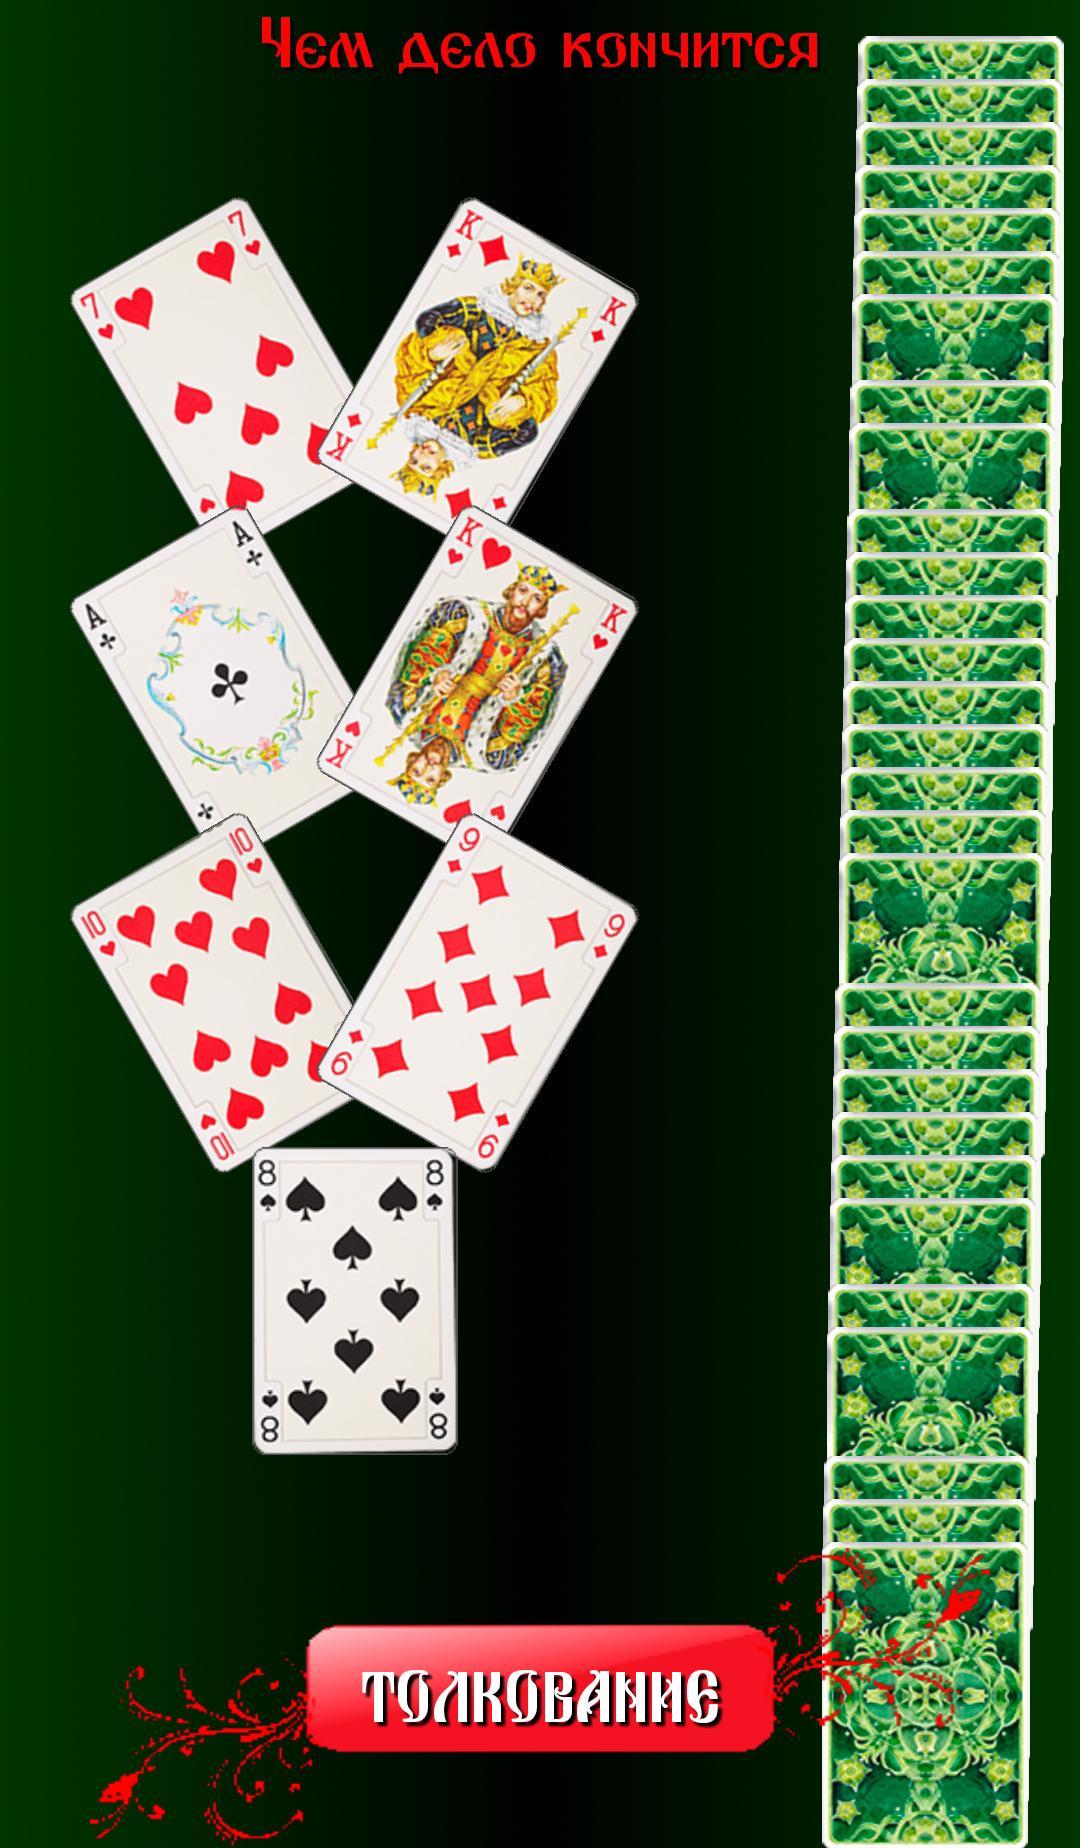 Цыганки в казино программы - игровые автоматы